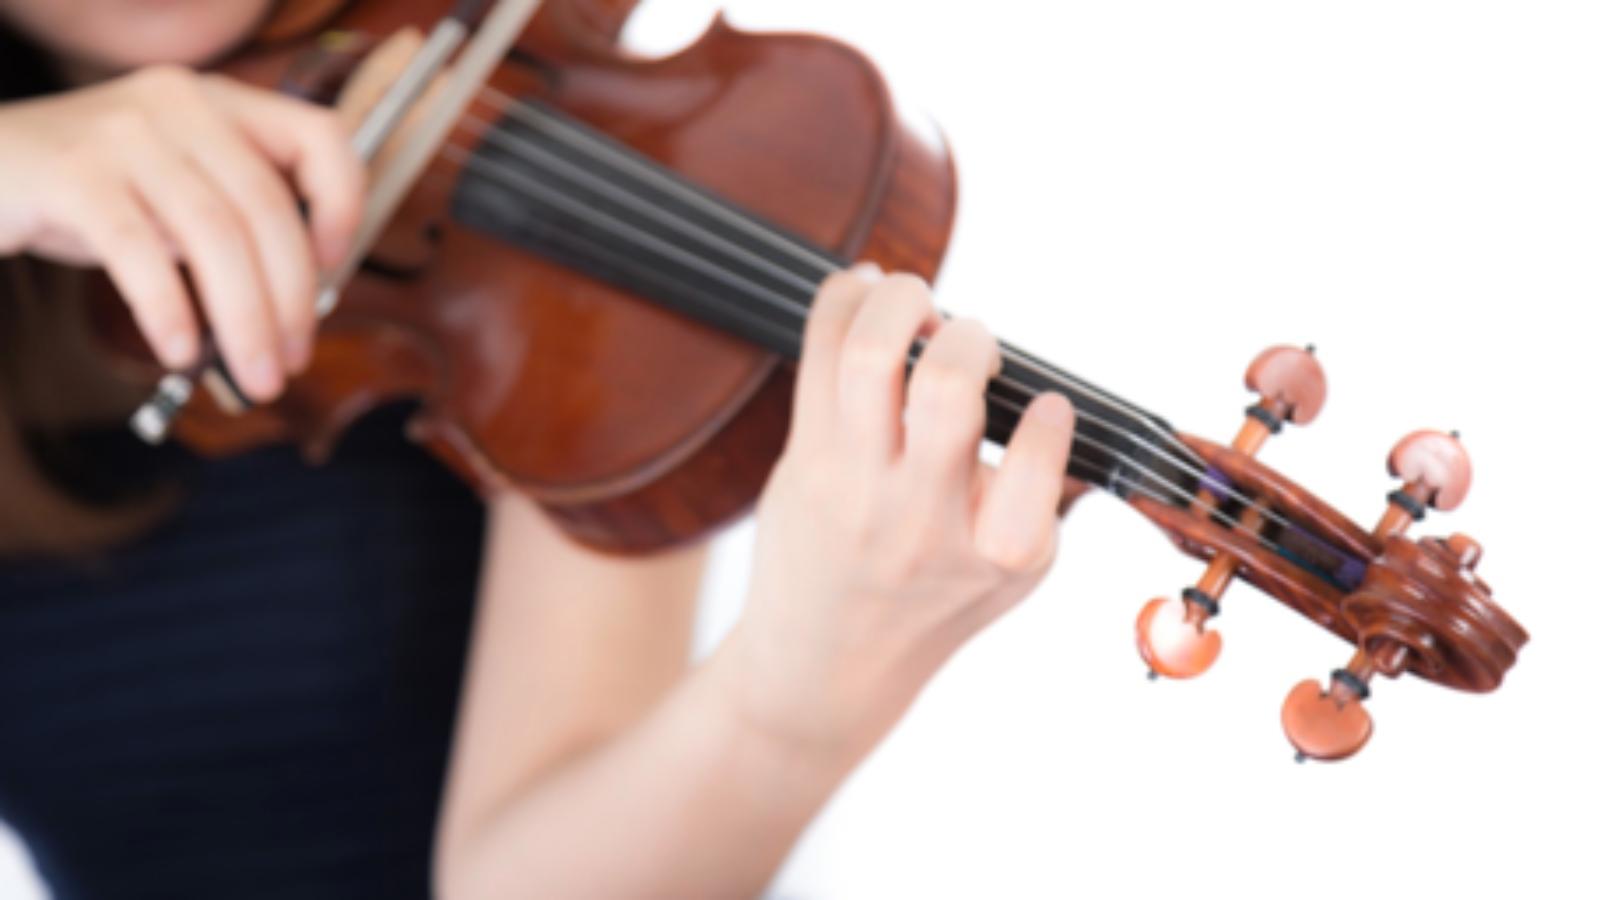 ヴァイオリンの「ウルフ音(ウルフトーン)」とは?簡単な解消方法を解説する